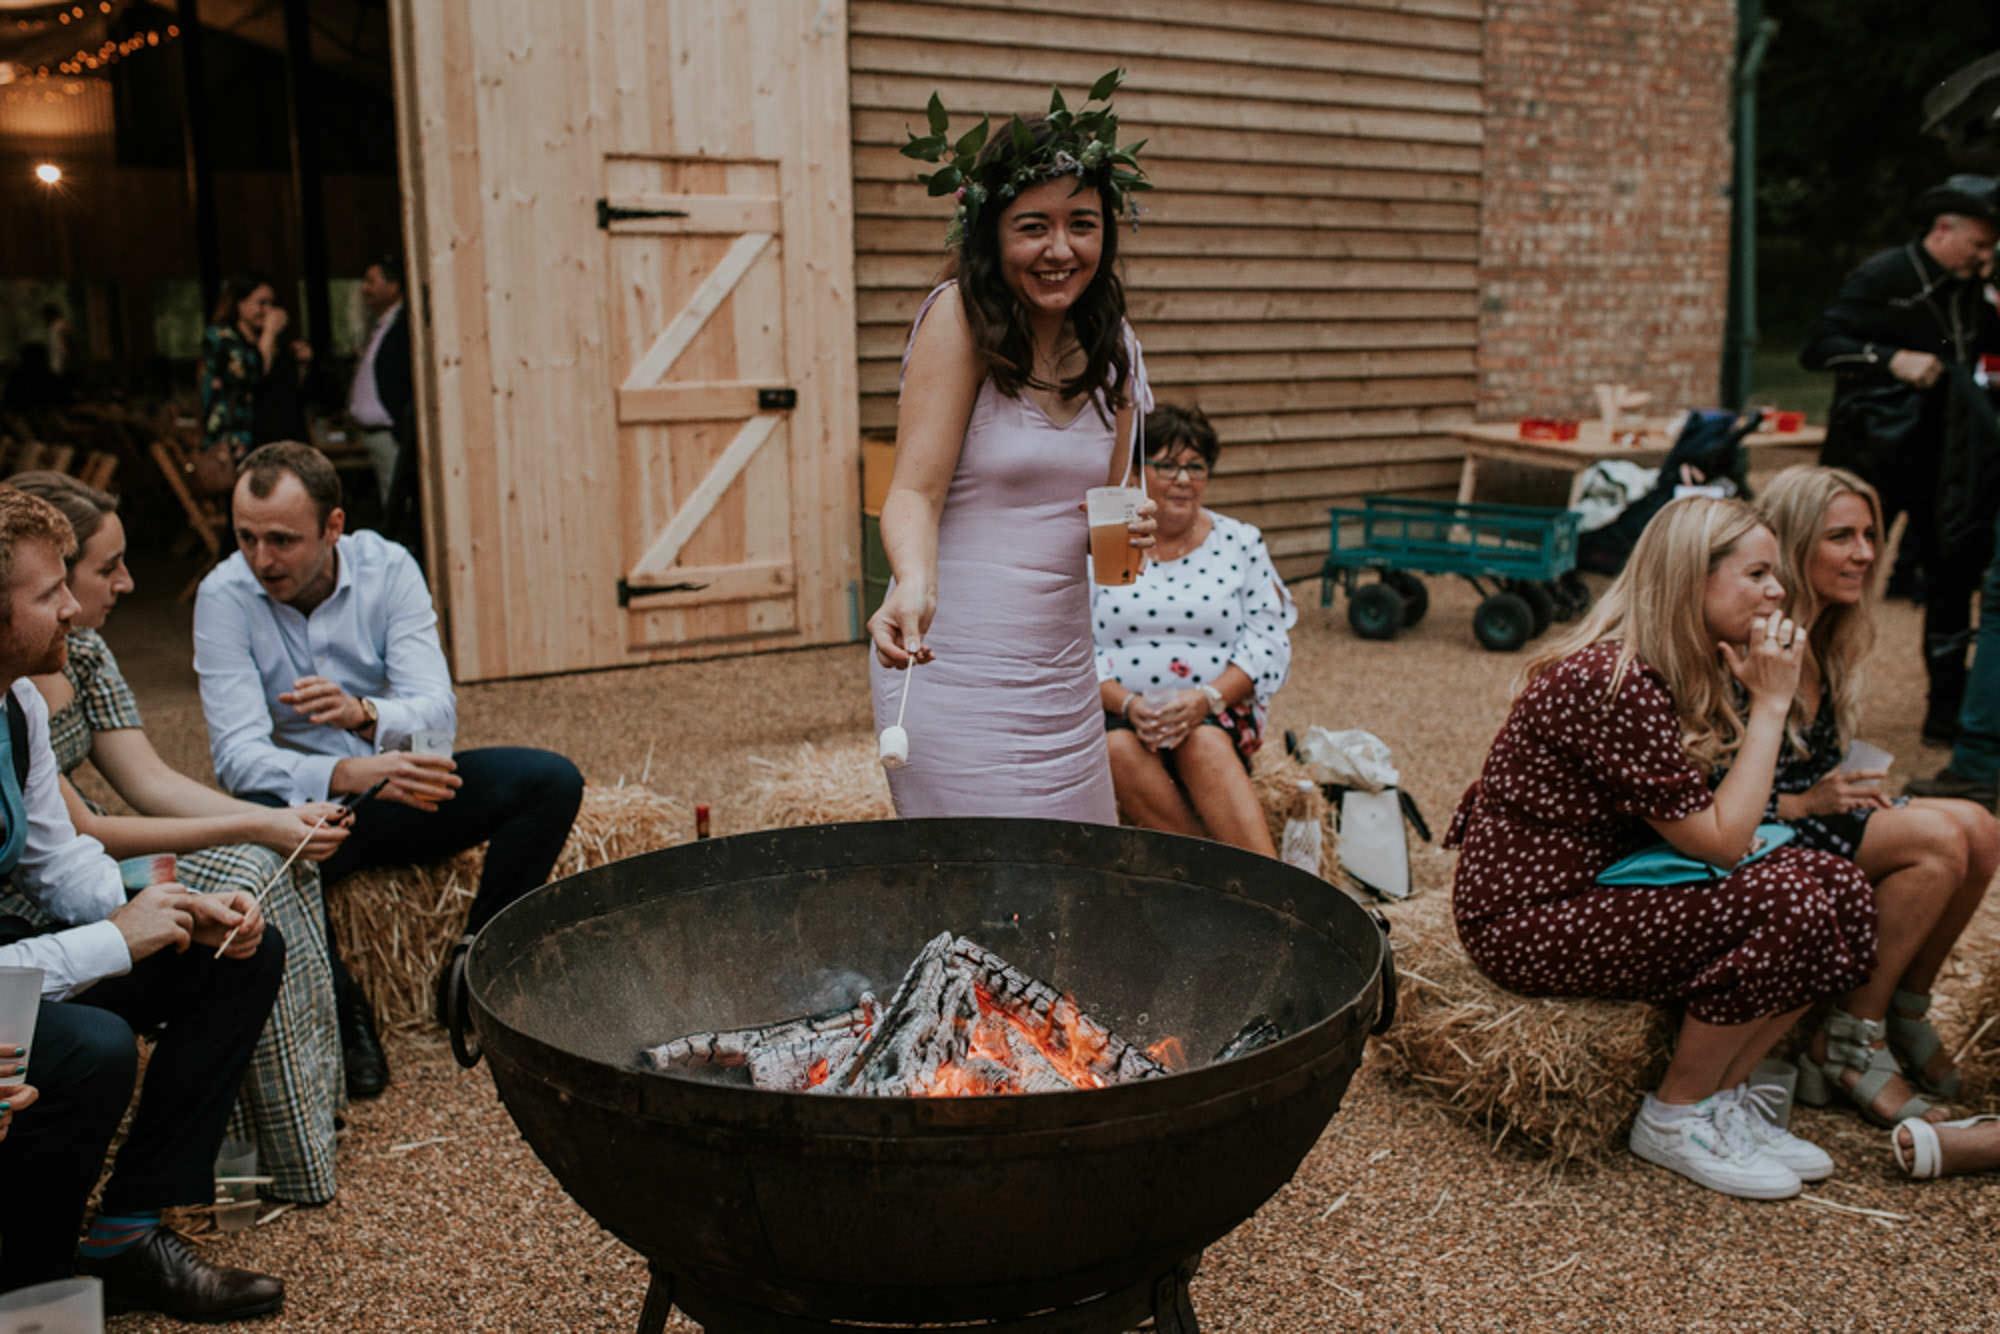 Happy Valley Norfolk - woodland wedding venue with barn